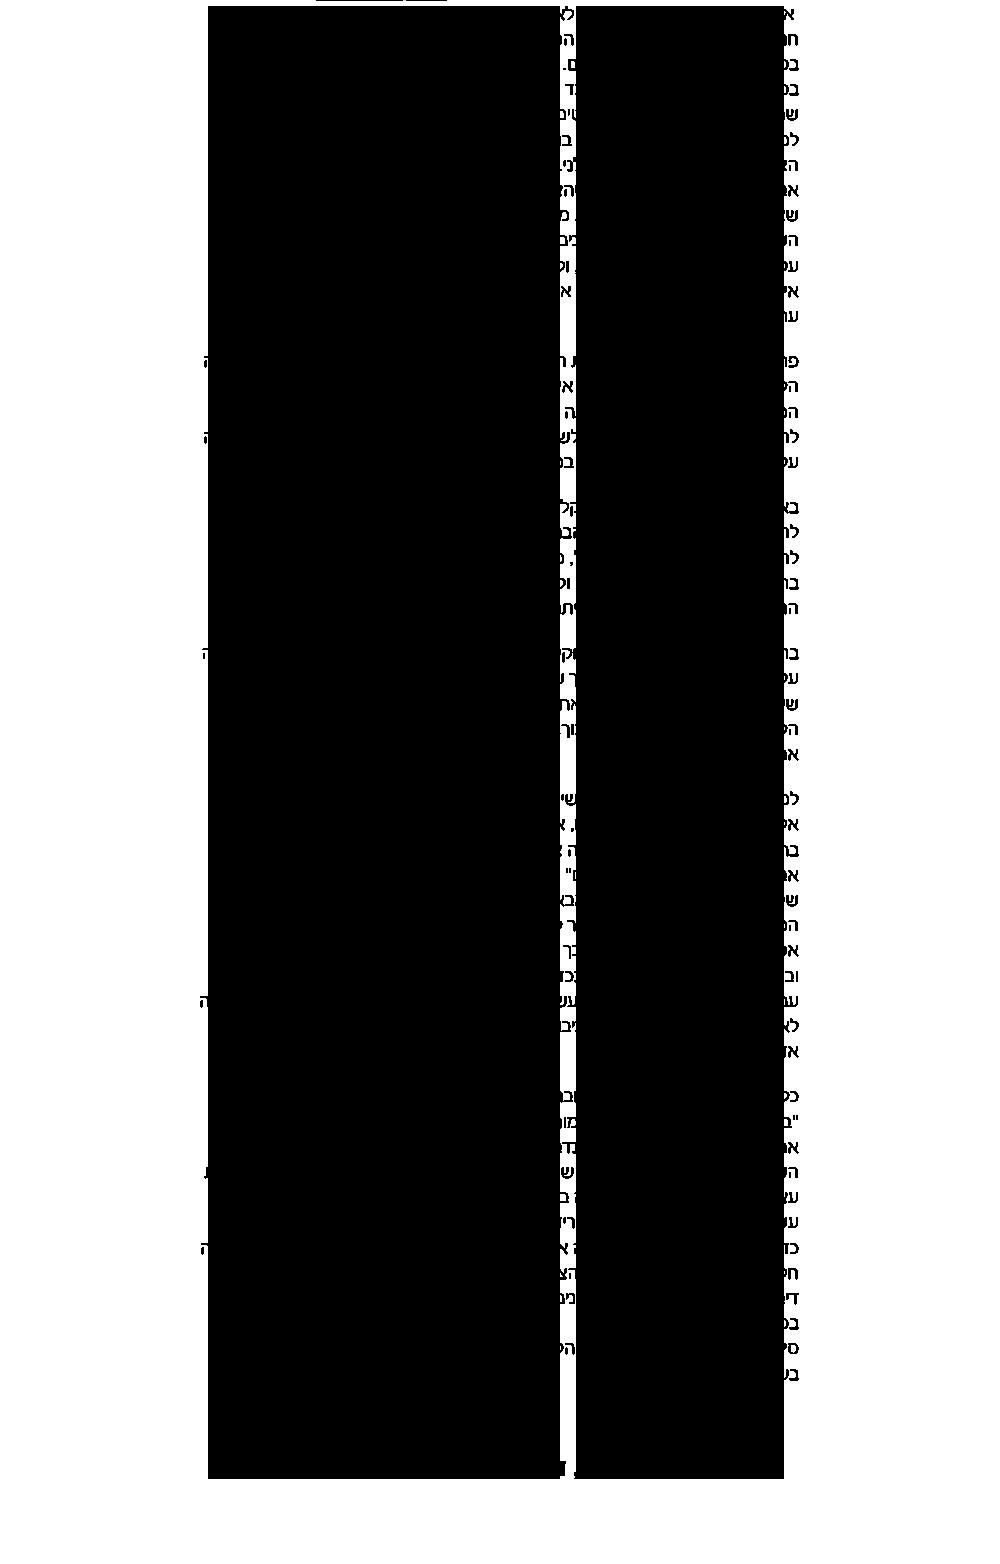 טקסט על חנה דרורי